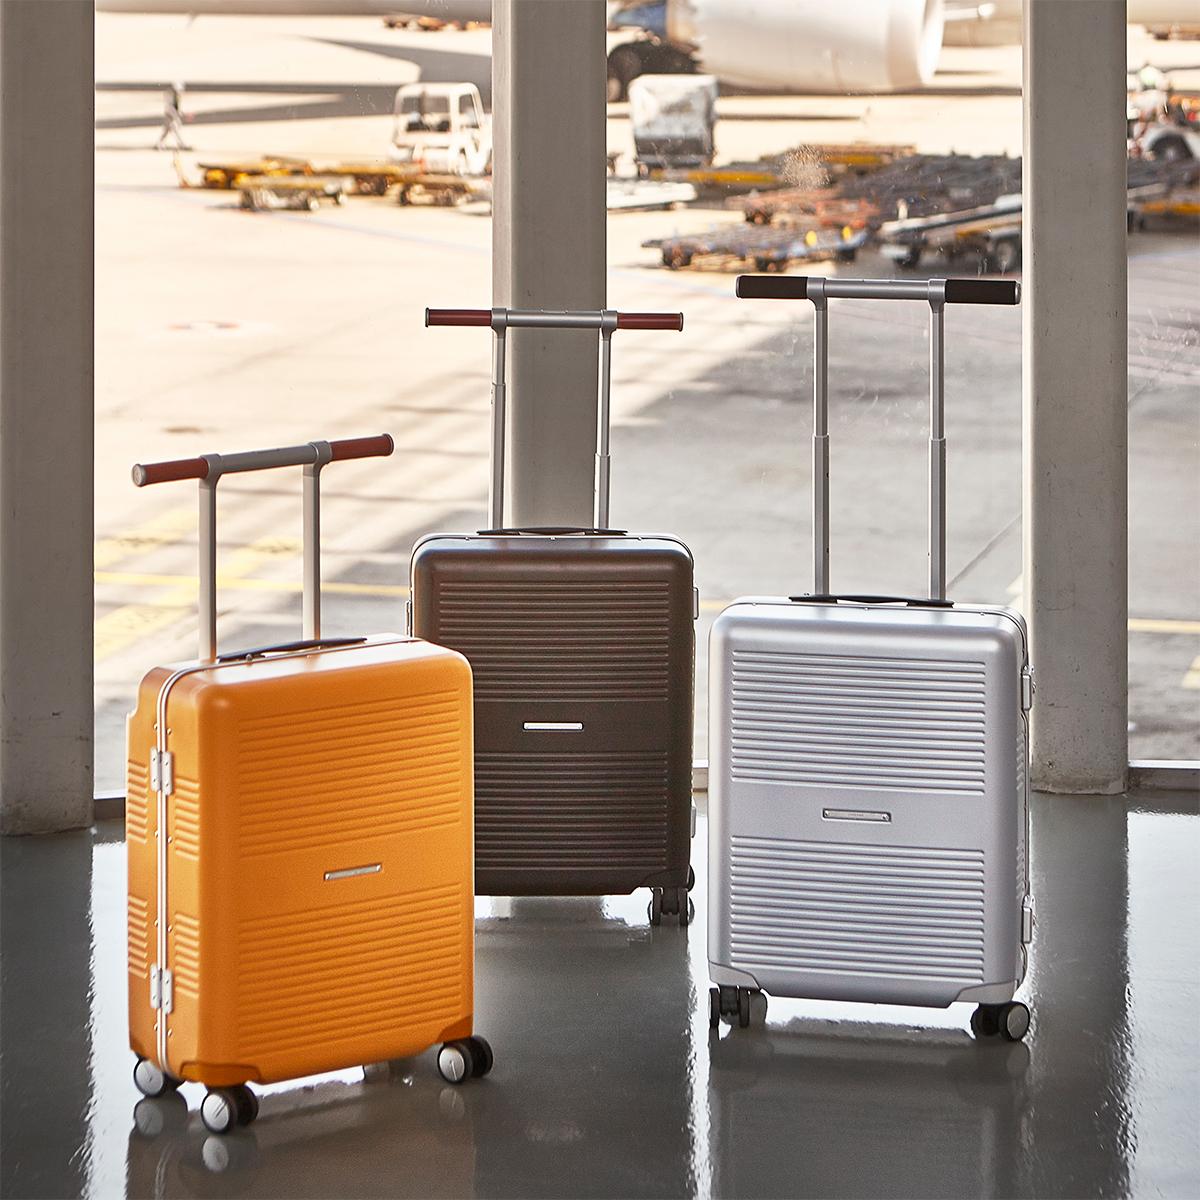 「本質を考え続ける」というデザイン哲学。手を添えるだけで滑らかに走行、気の利く設計であなたの旅路に寄り添うスーツケース(88L・7泊〜)|RAWROW